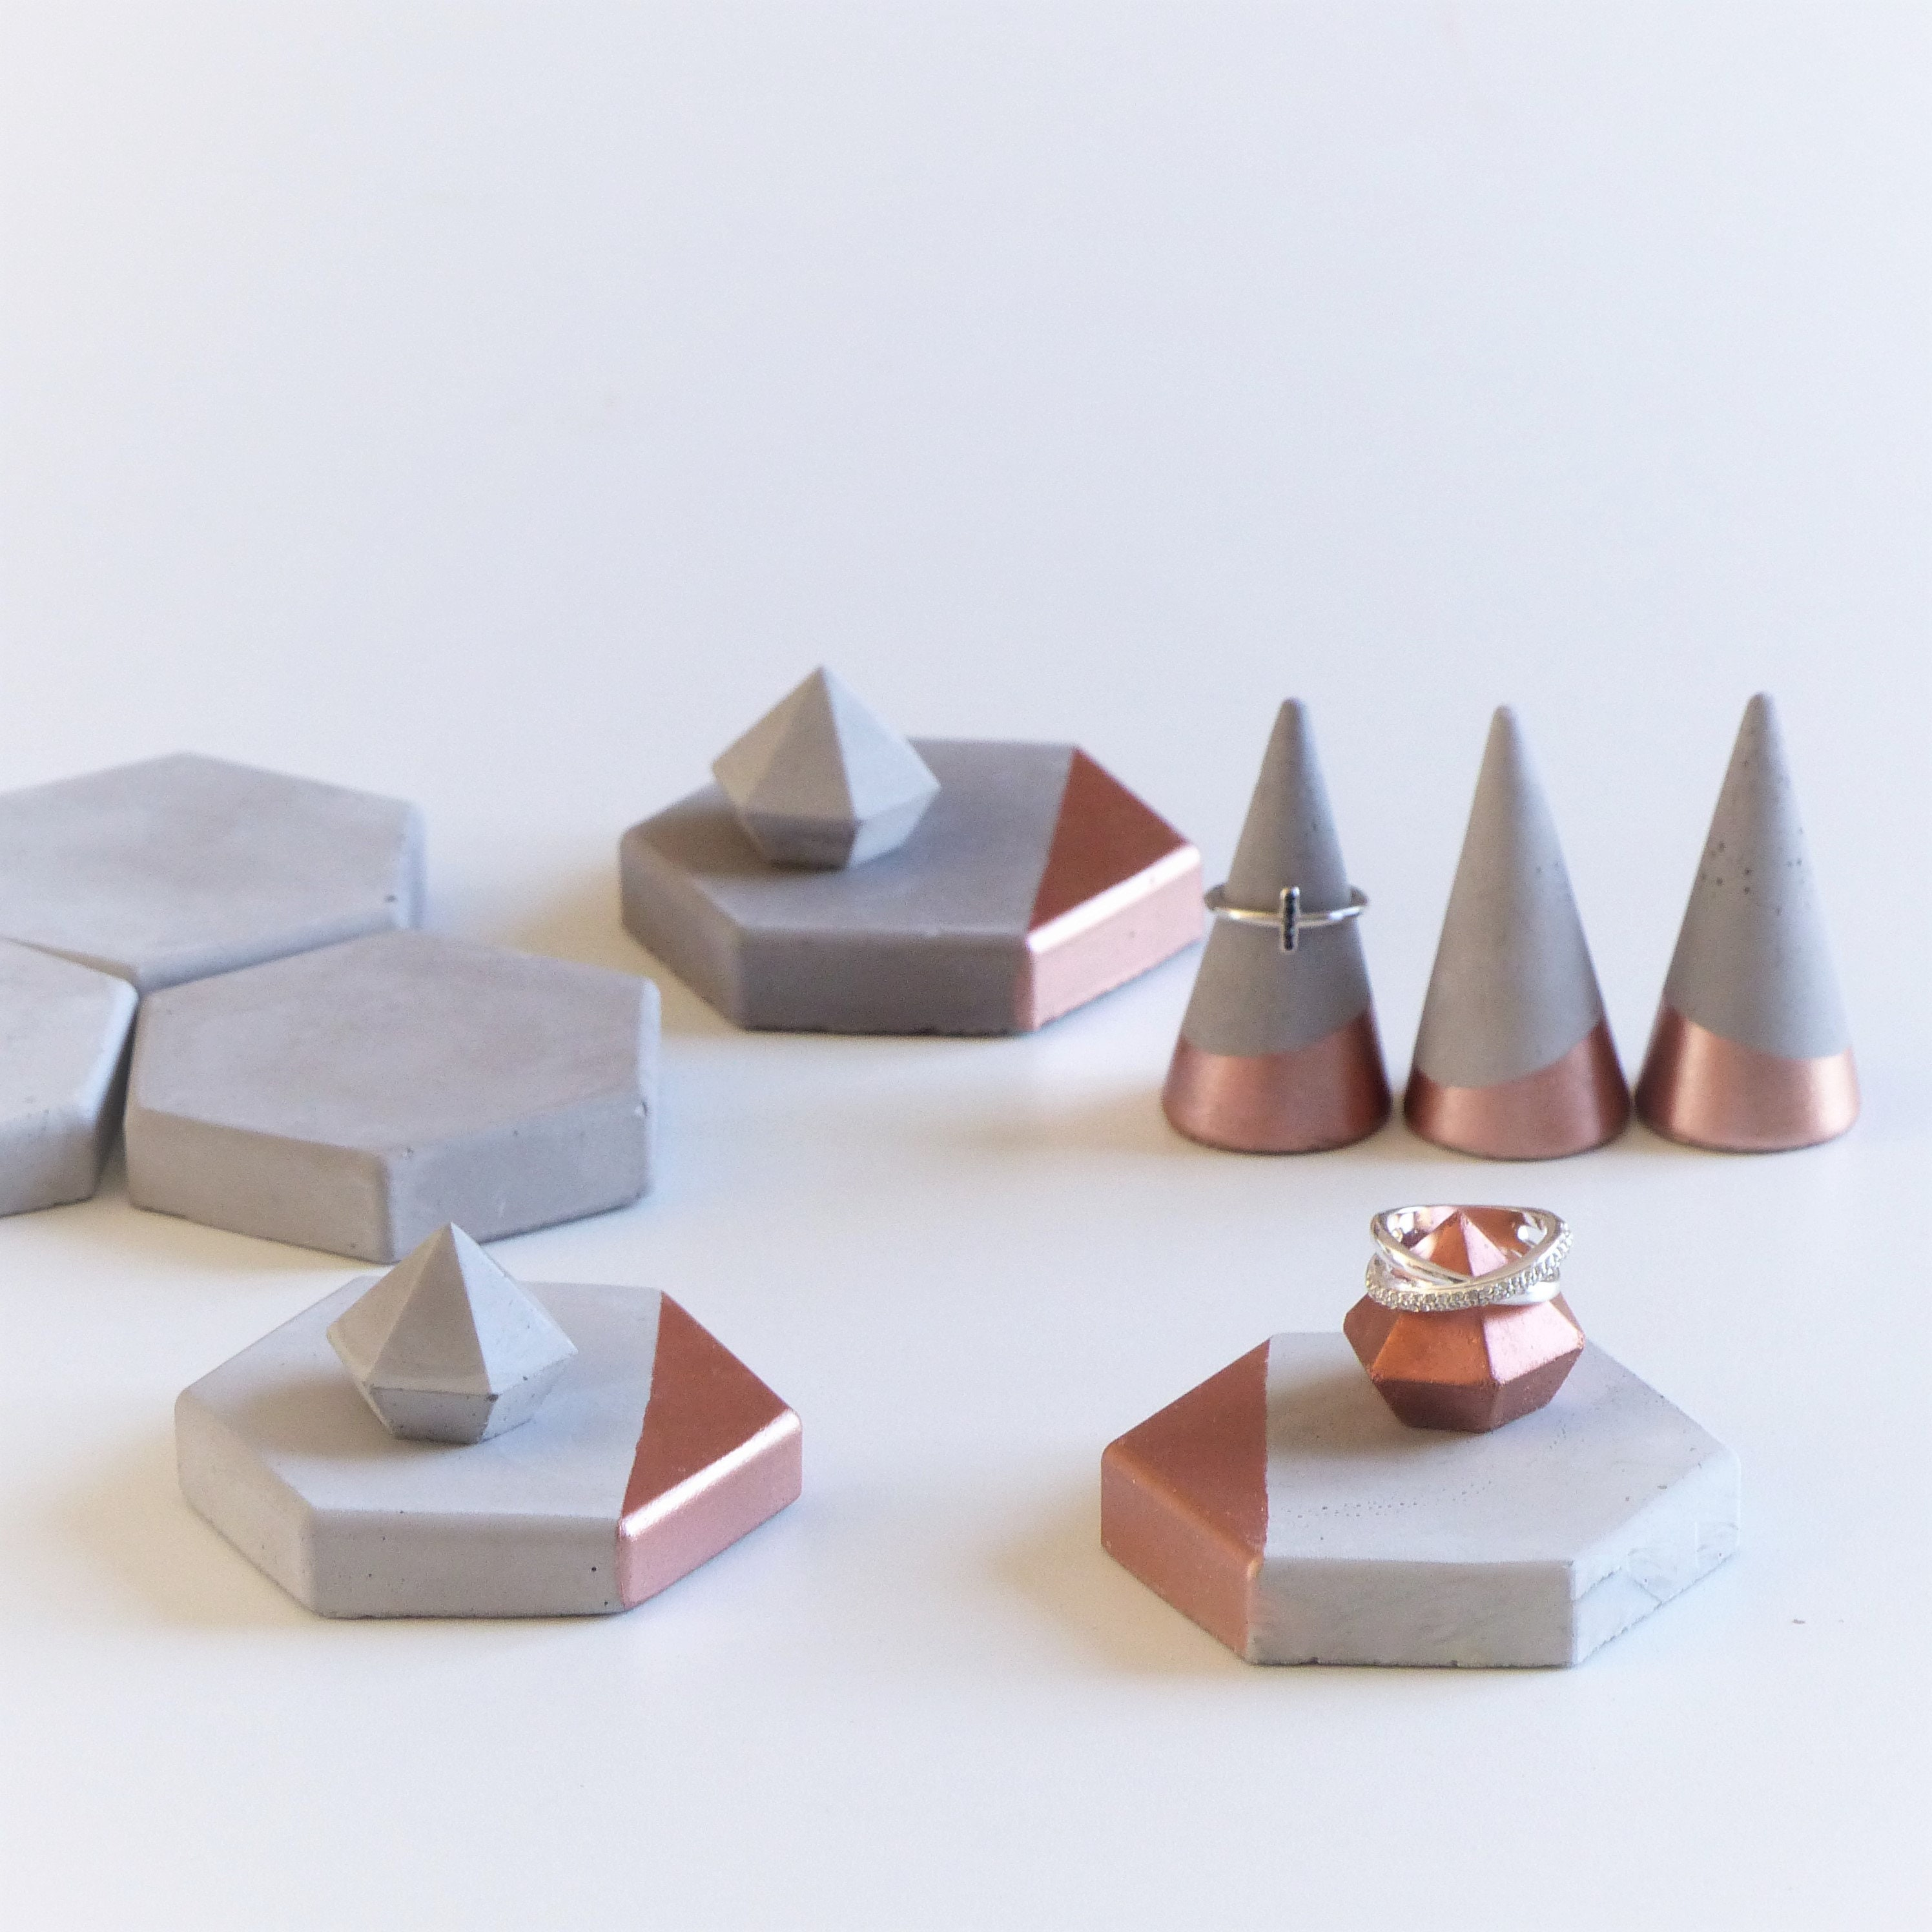 Ensemble de 12 présentoirs à bijoux rose rose rose doré, cones et mini diamants supports de bagues en béton 6e3cd5